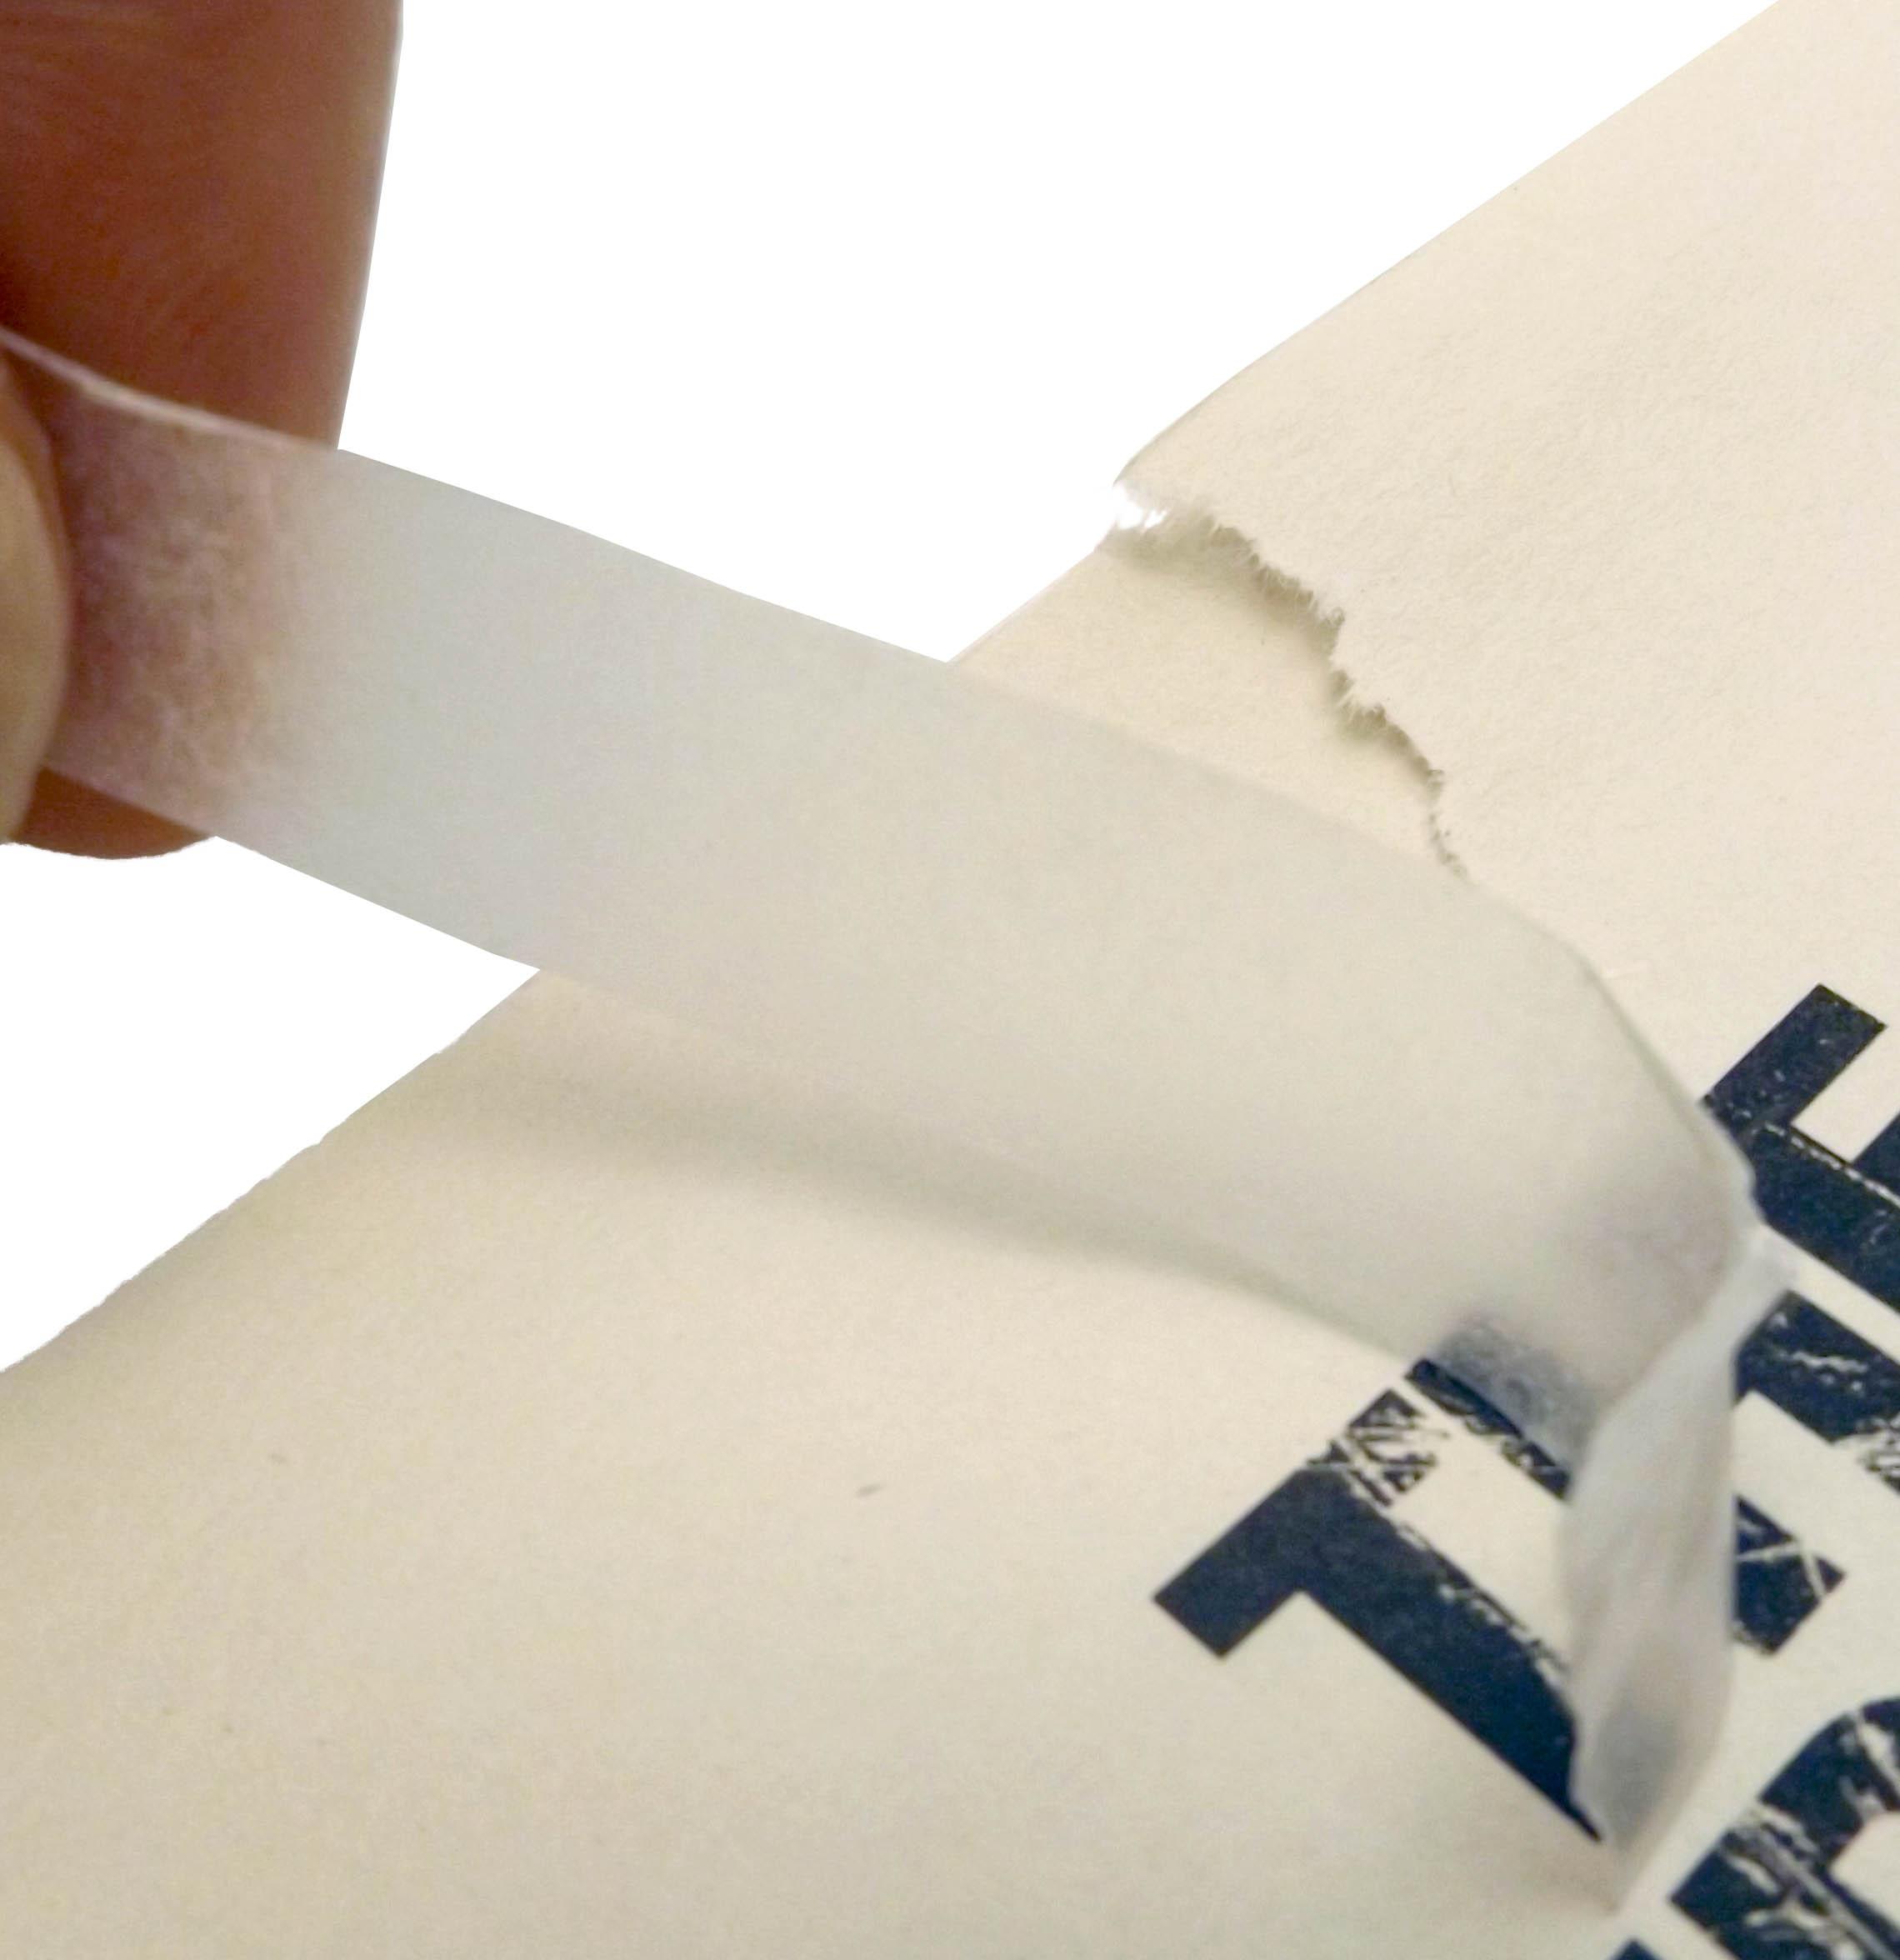 Paper repair tissue